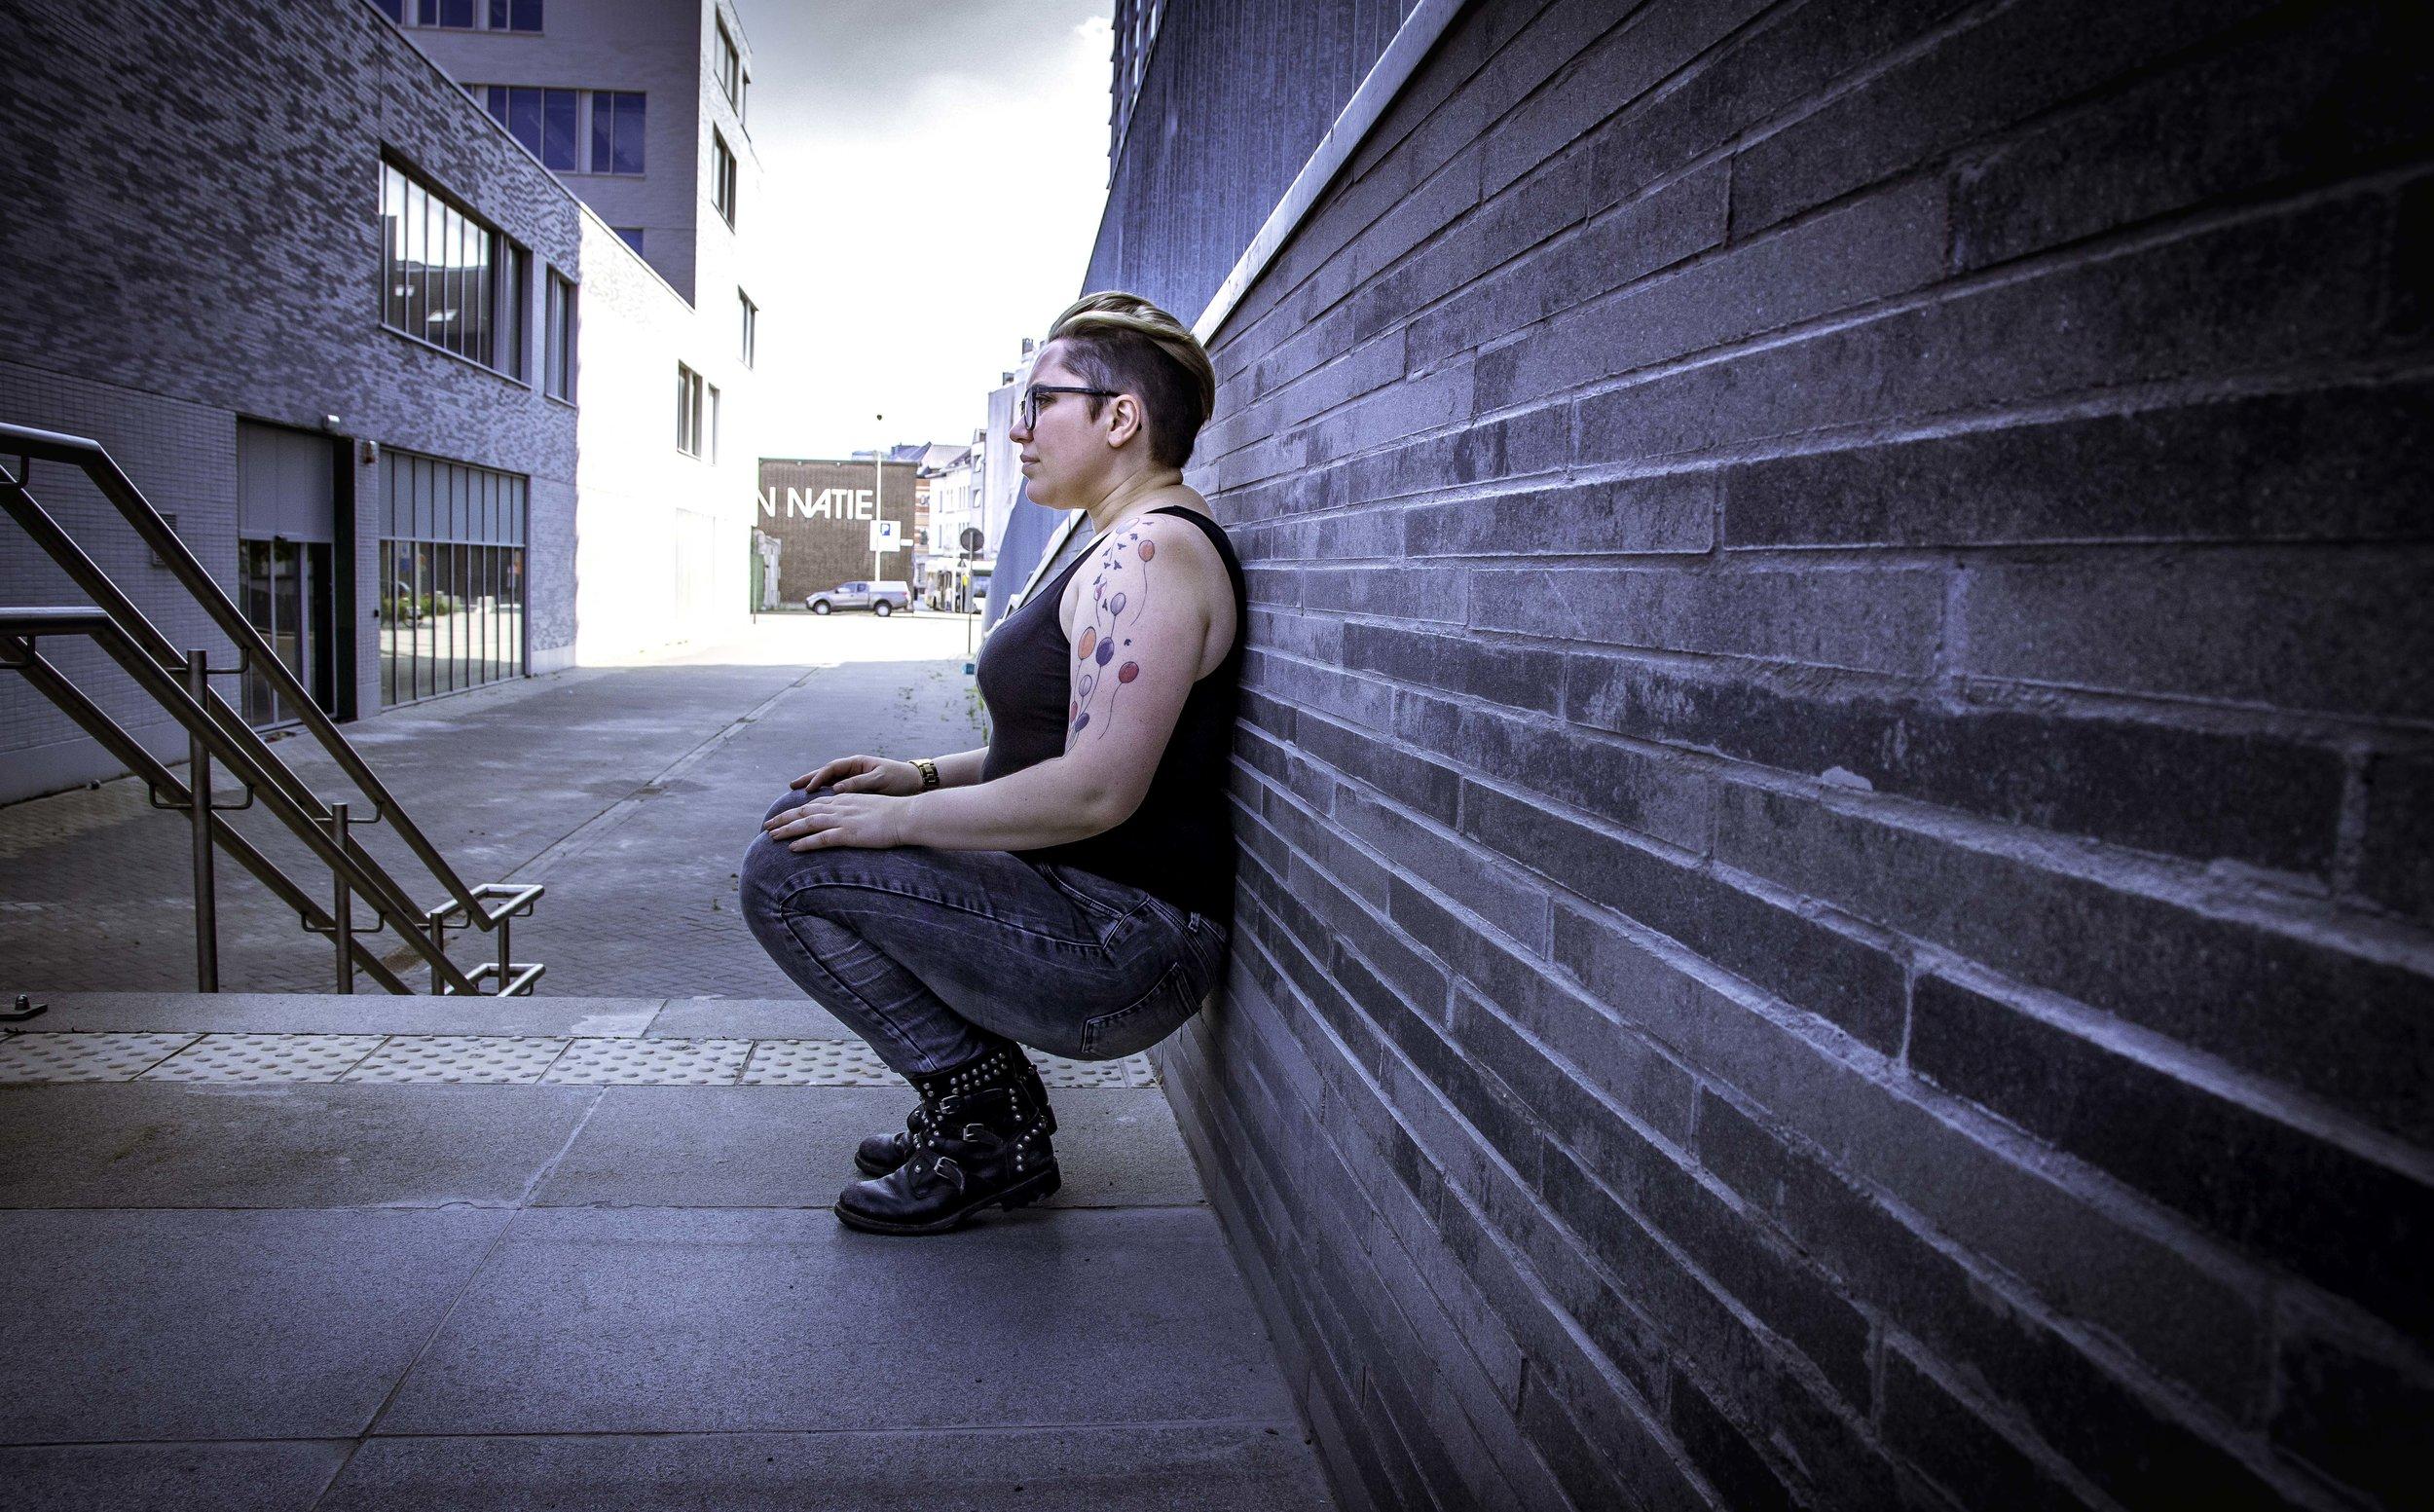 viewfinder-fotoshoot-winnaars-verjaardagswedstrijd-Gert-Angelique-69.jpg